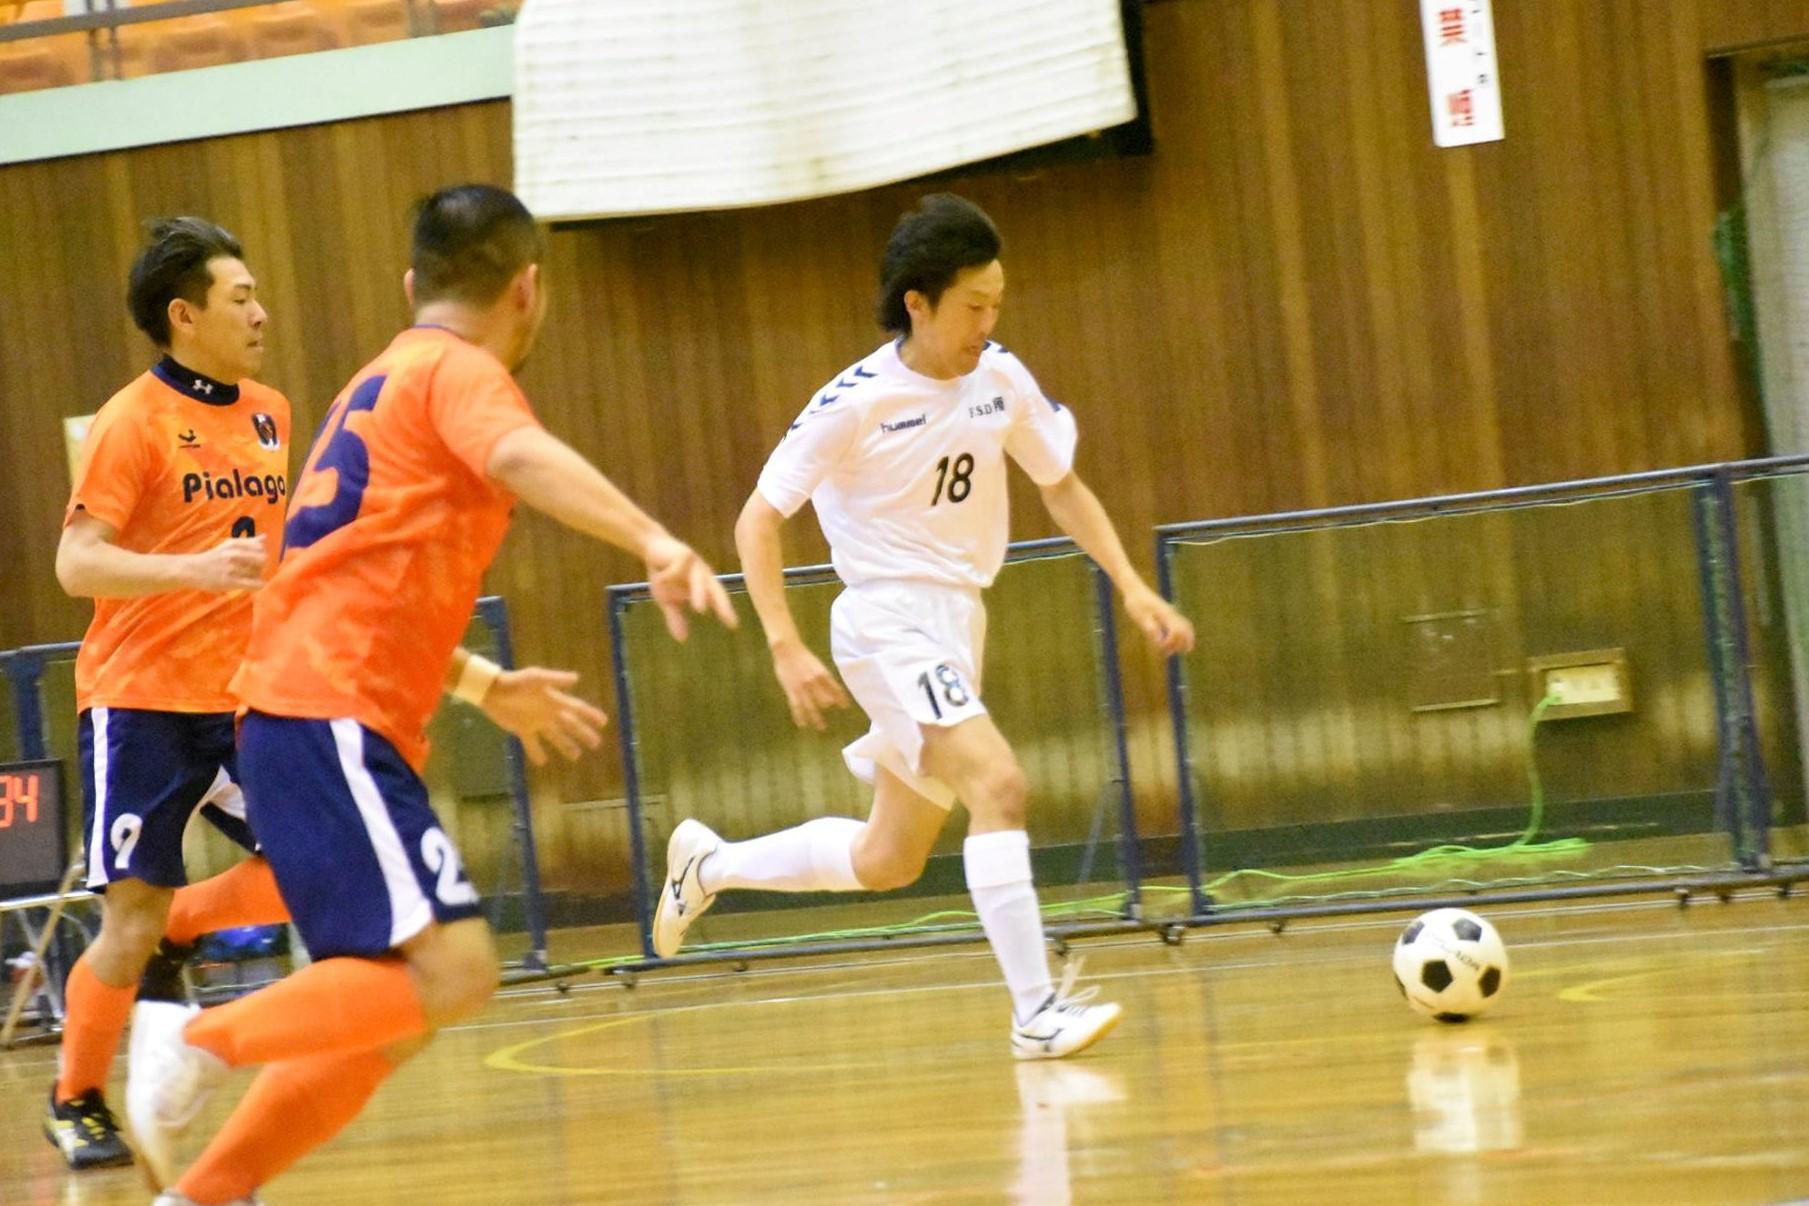 【愛知県1部第1節インタビュー】F・S・D翔 大元 洋祐 選手「コースに打つことは意識してますが、シュートは感覚ですね」